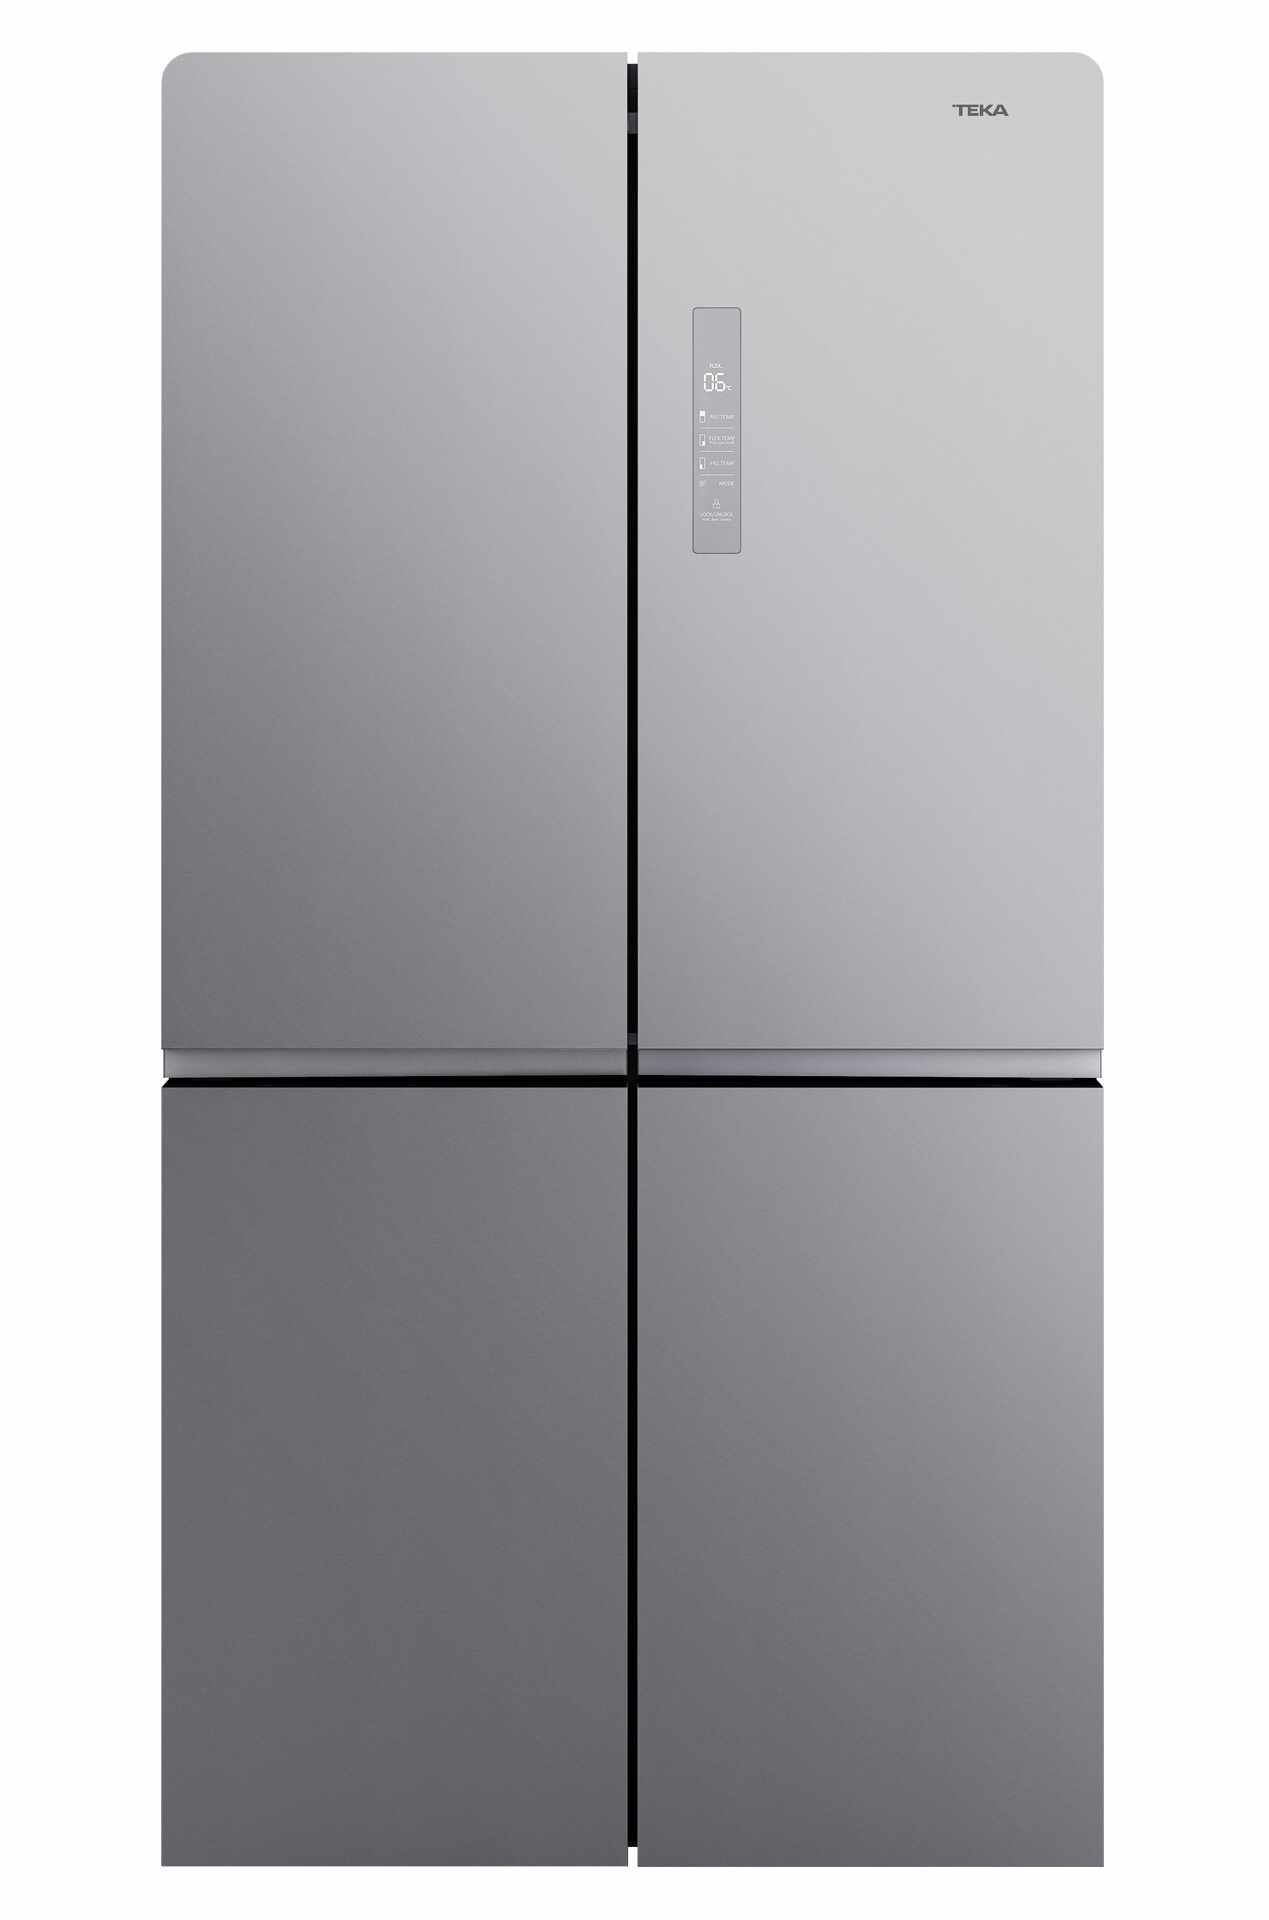 Combina frigorifica cu 4 usi Teka Maestro RMF 77920 SS LongLife No Frost IonClean 637 litri net clasa A++ inox la pret 6658.41 lei